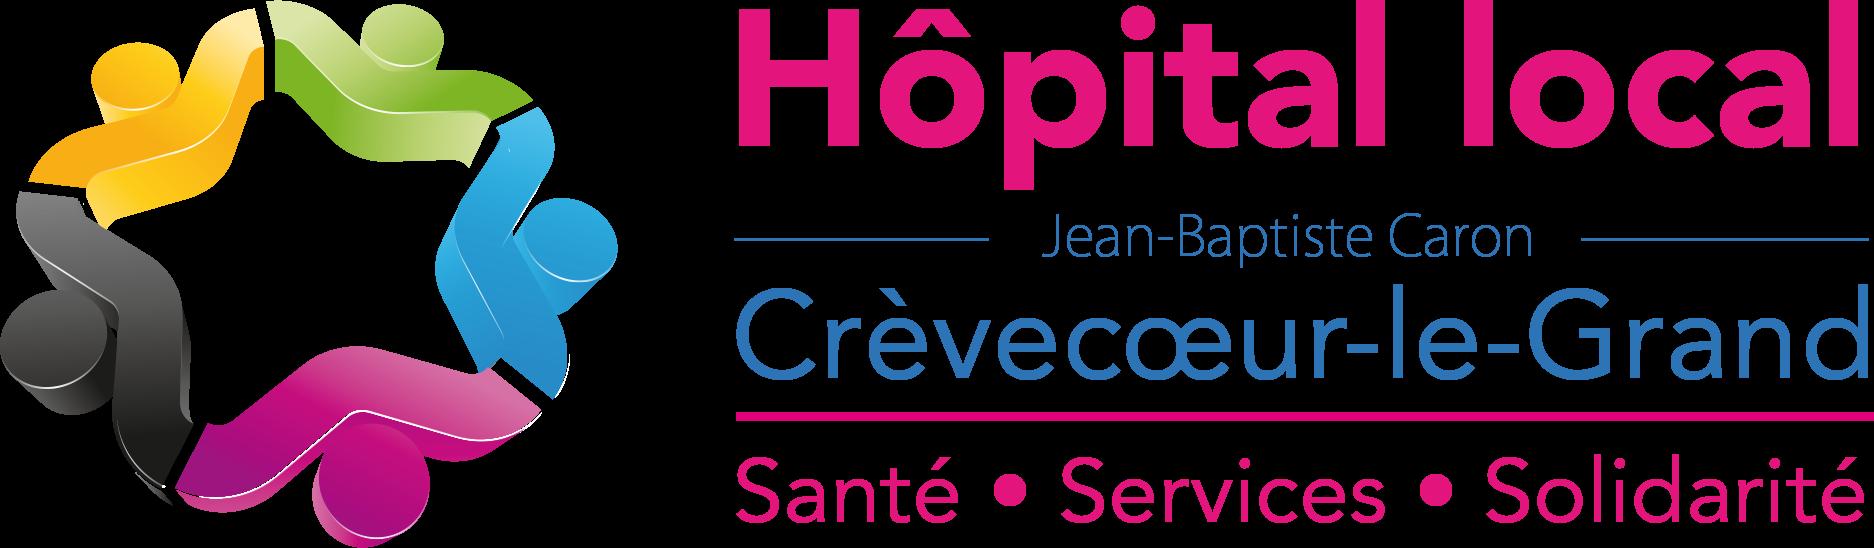 Hôpital de Crévecoeur